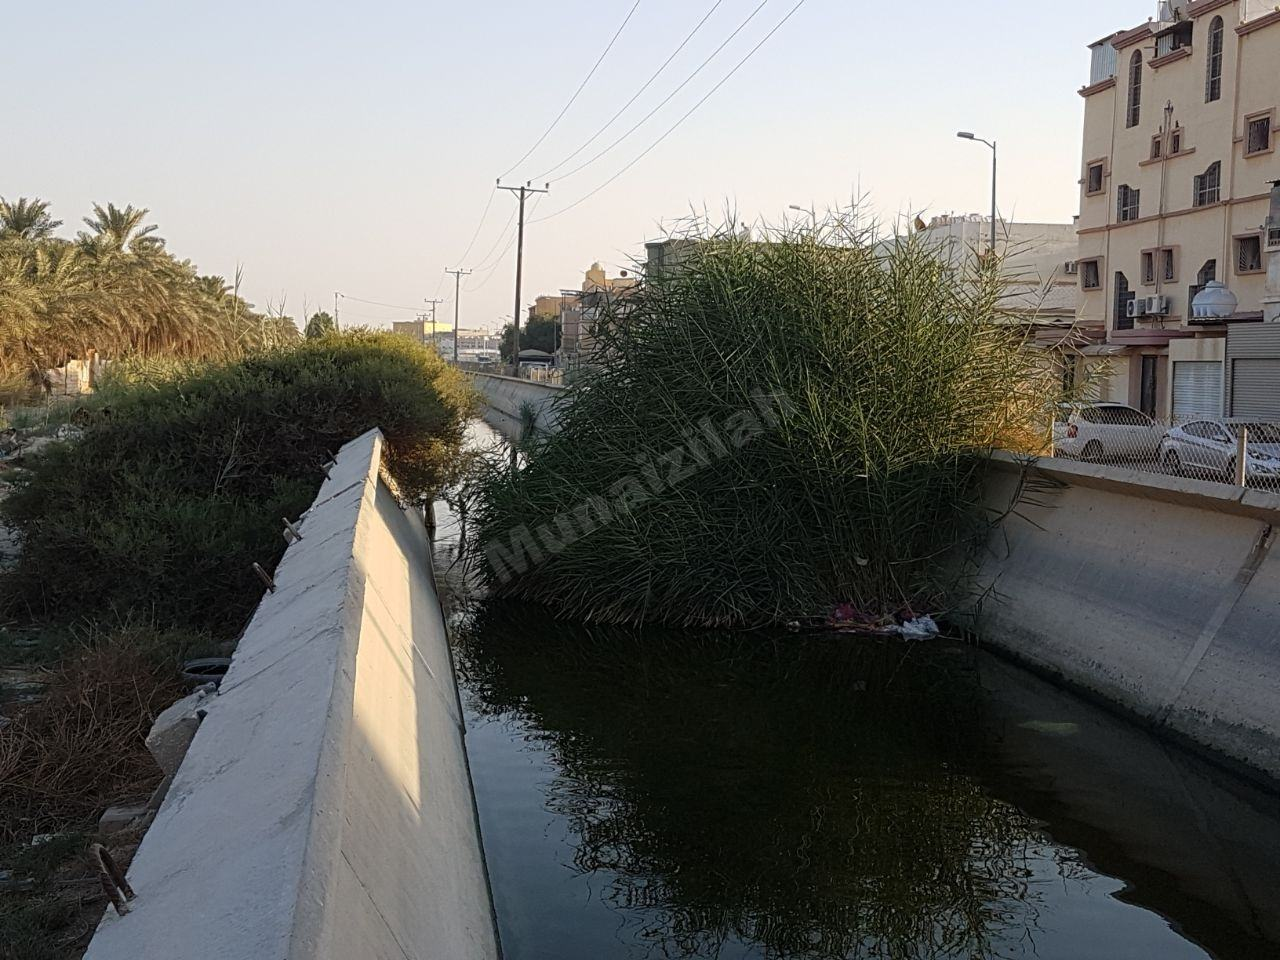 """بالصور : حشائش وأوساخ تشكل عائق لمجرى المياه في قناة """"الري"""" بالمنيزلة"""